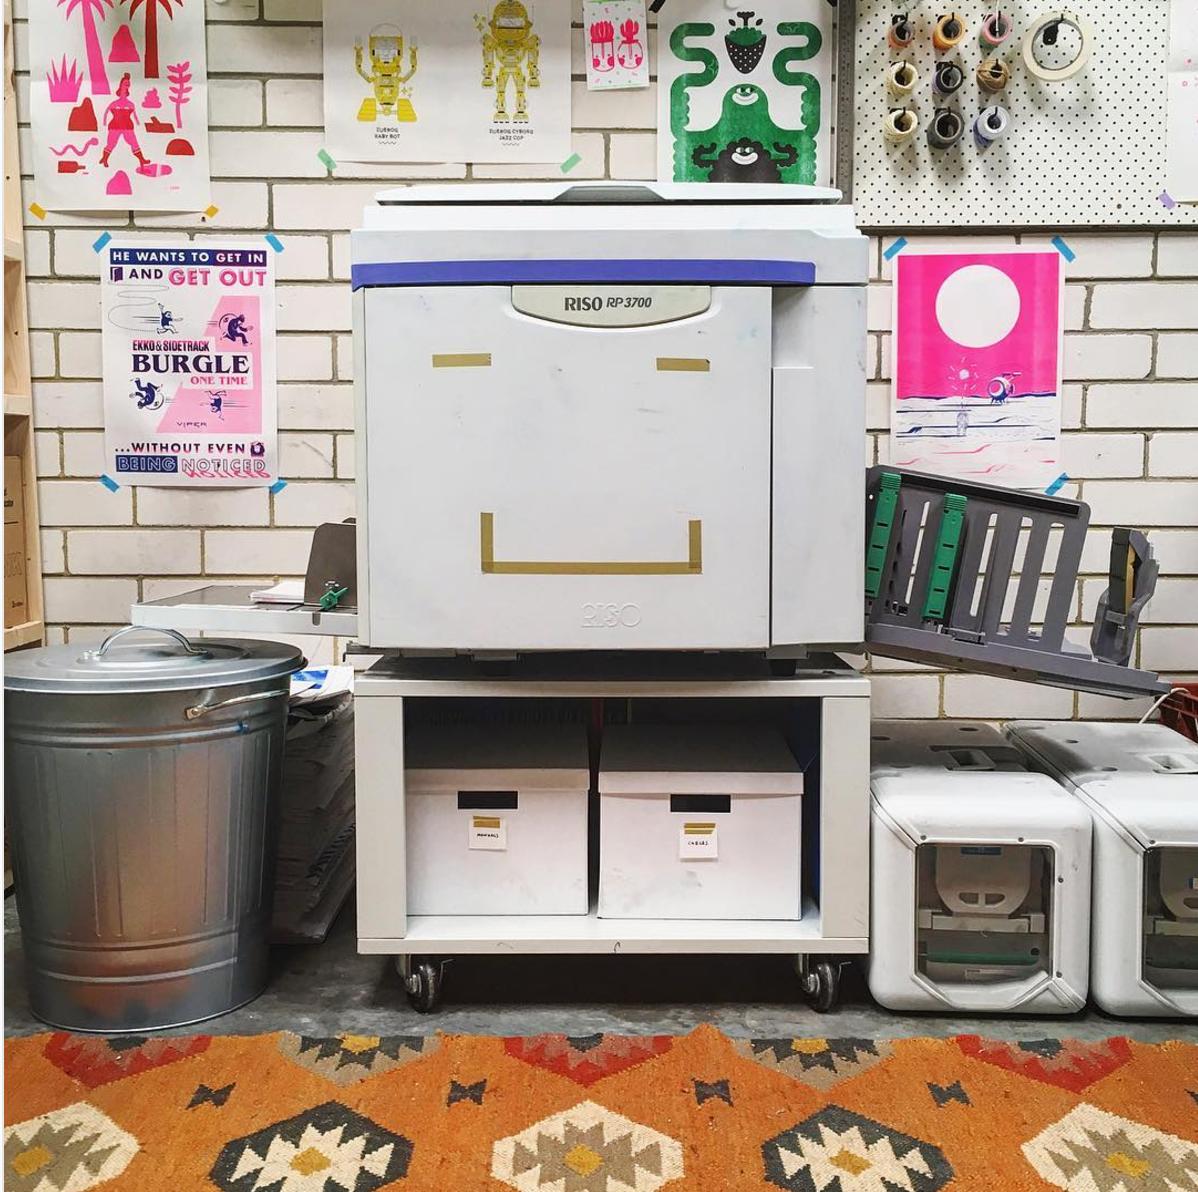 Ziggy the Risograph Printer